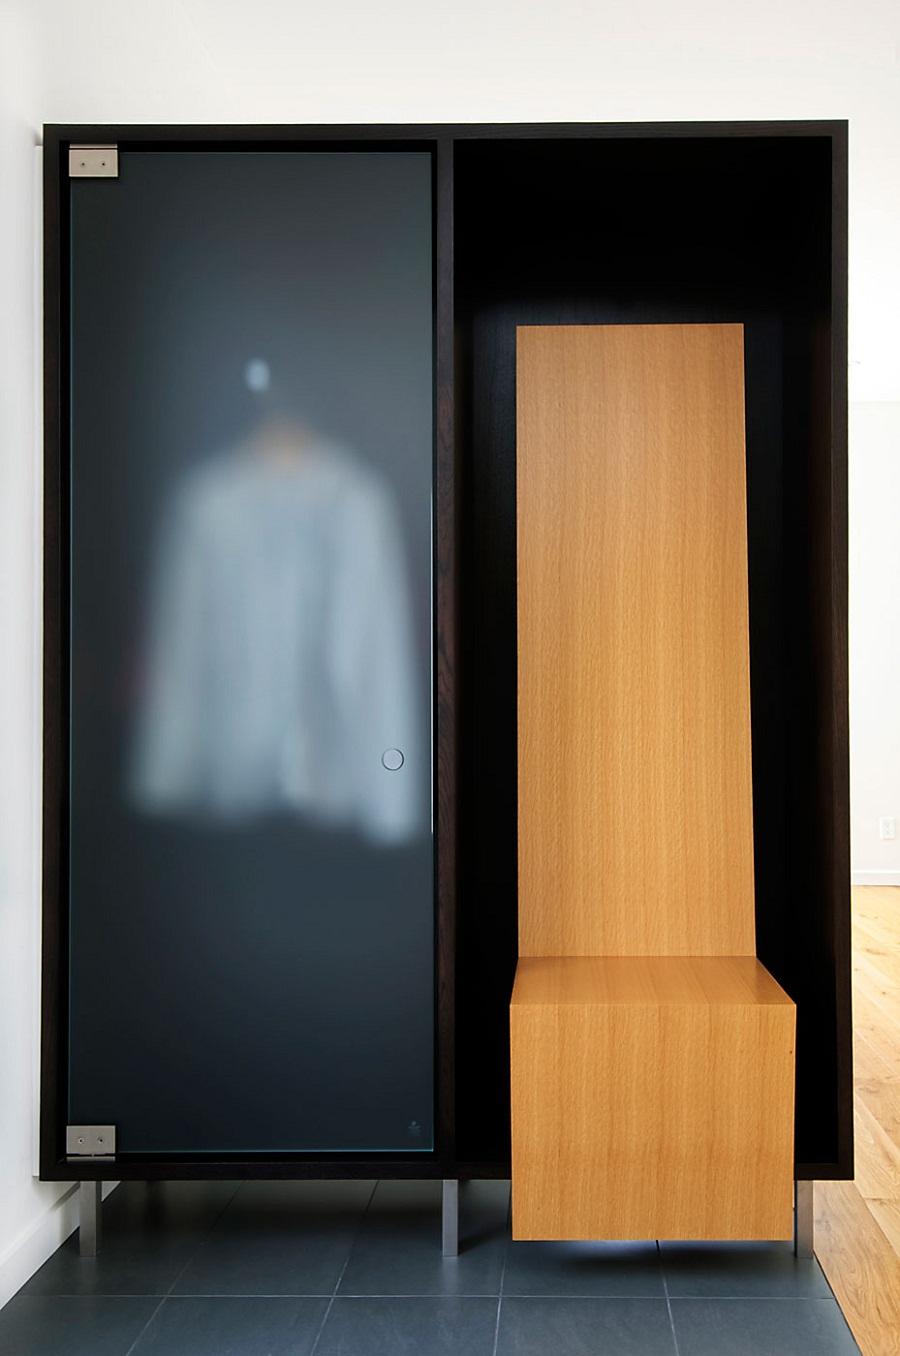 Стильный гардероб с дверцей из матового стекла и деревянным сидением с высокой спинкой